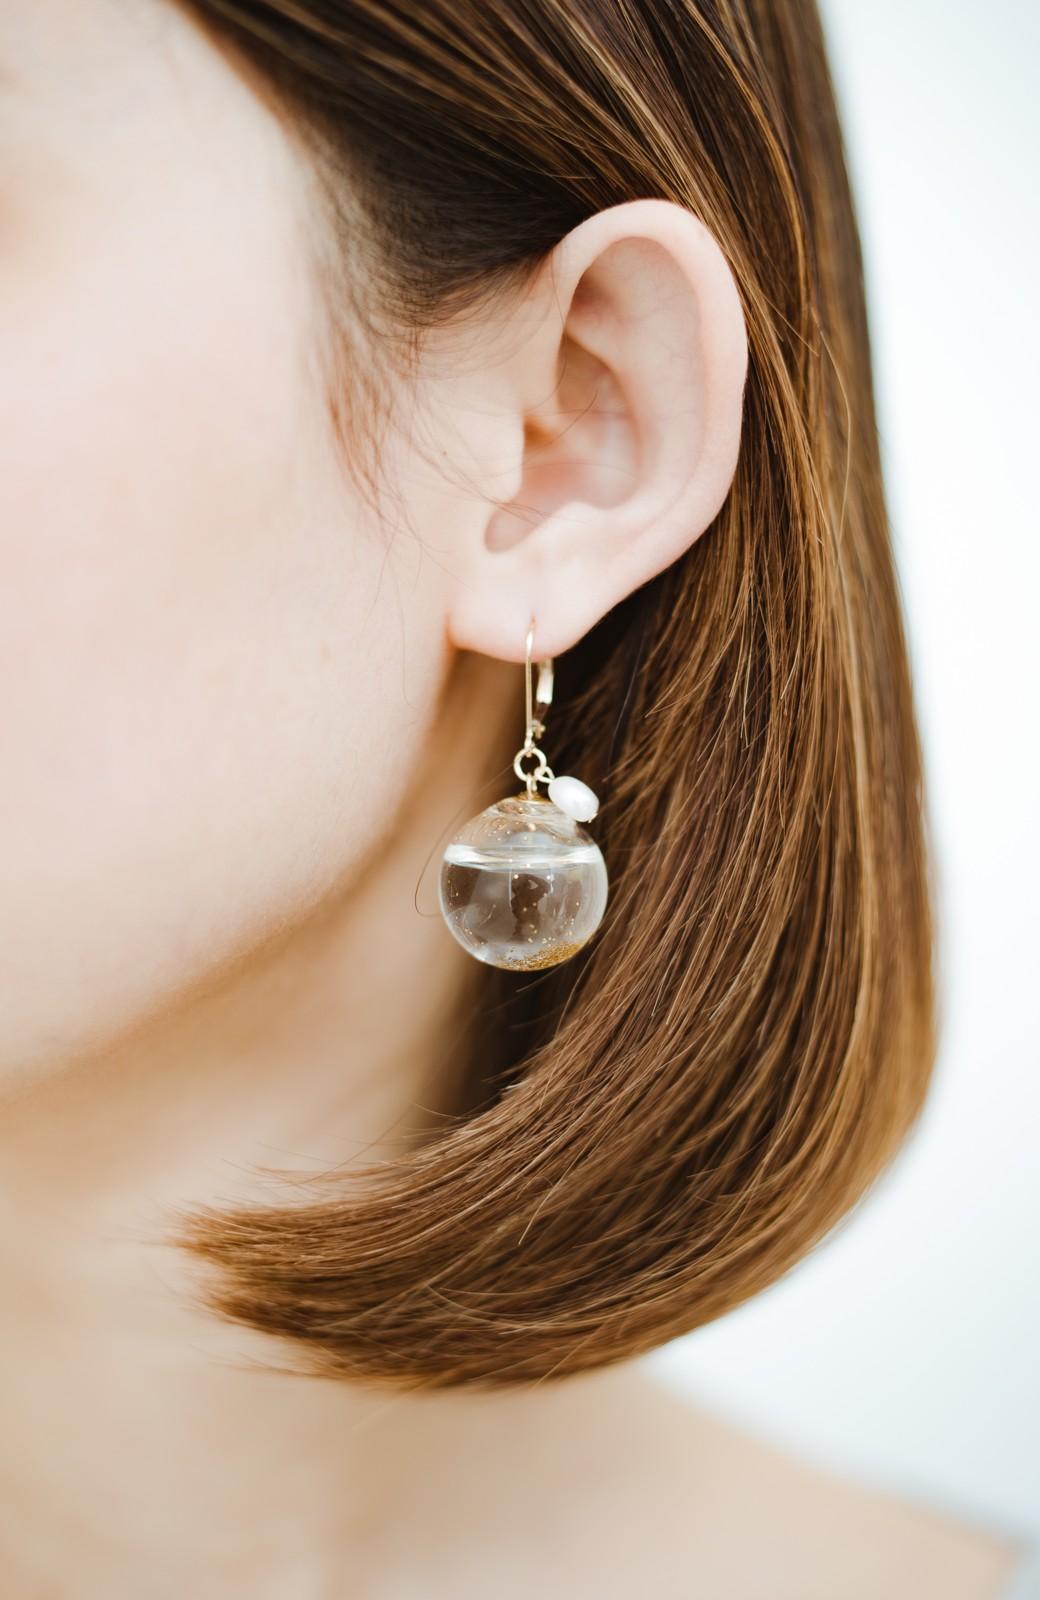 haco! てとひとて KANA MATSUNAMI チャリティー企画 Glass dome  French hookピアス <ゴールド>の商品写真2